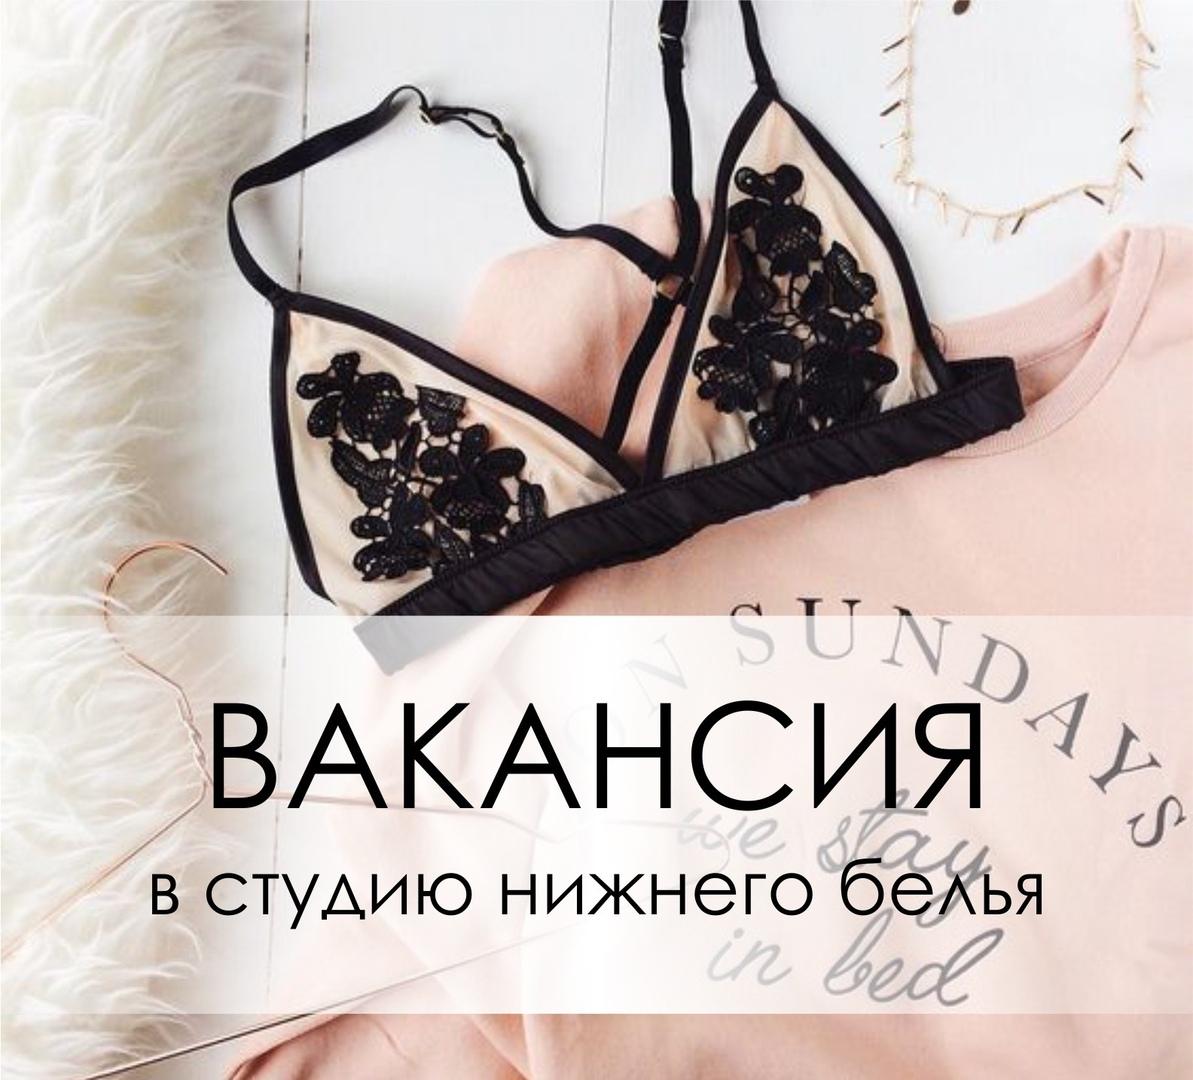 Работа женское белье продавец консультант харьковчанка массажер отзывы